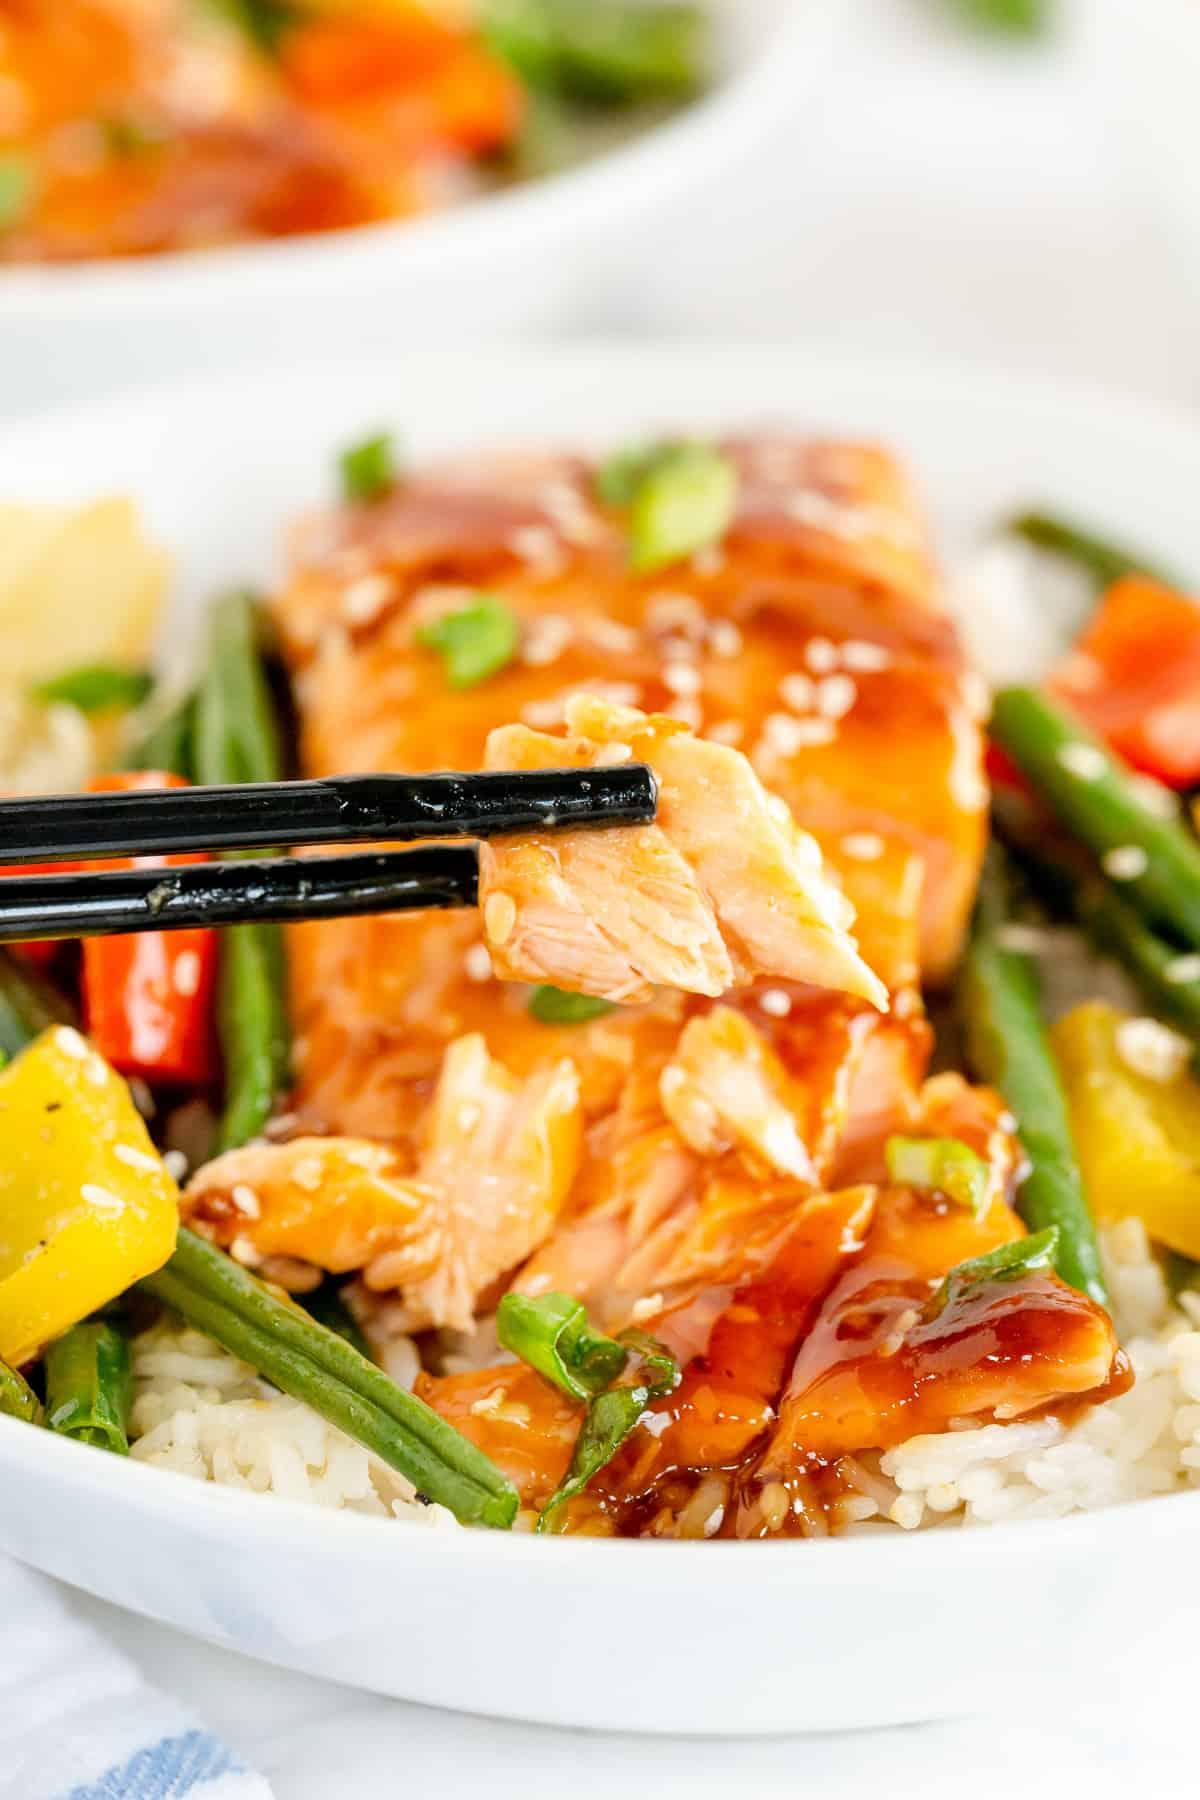 Chopsticks lift a piece of salmon.